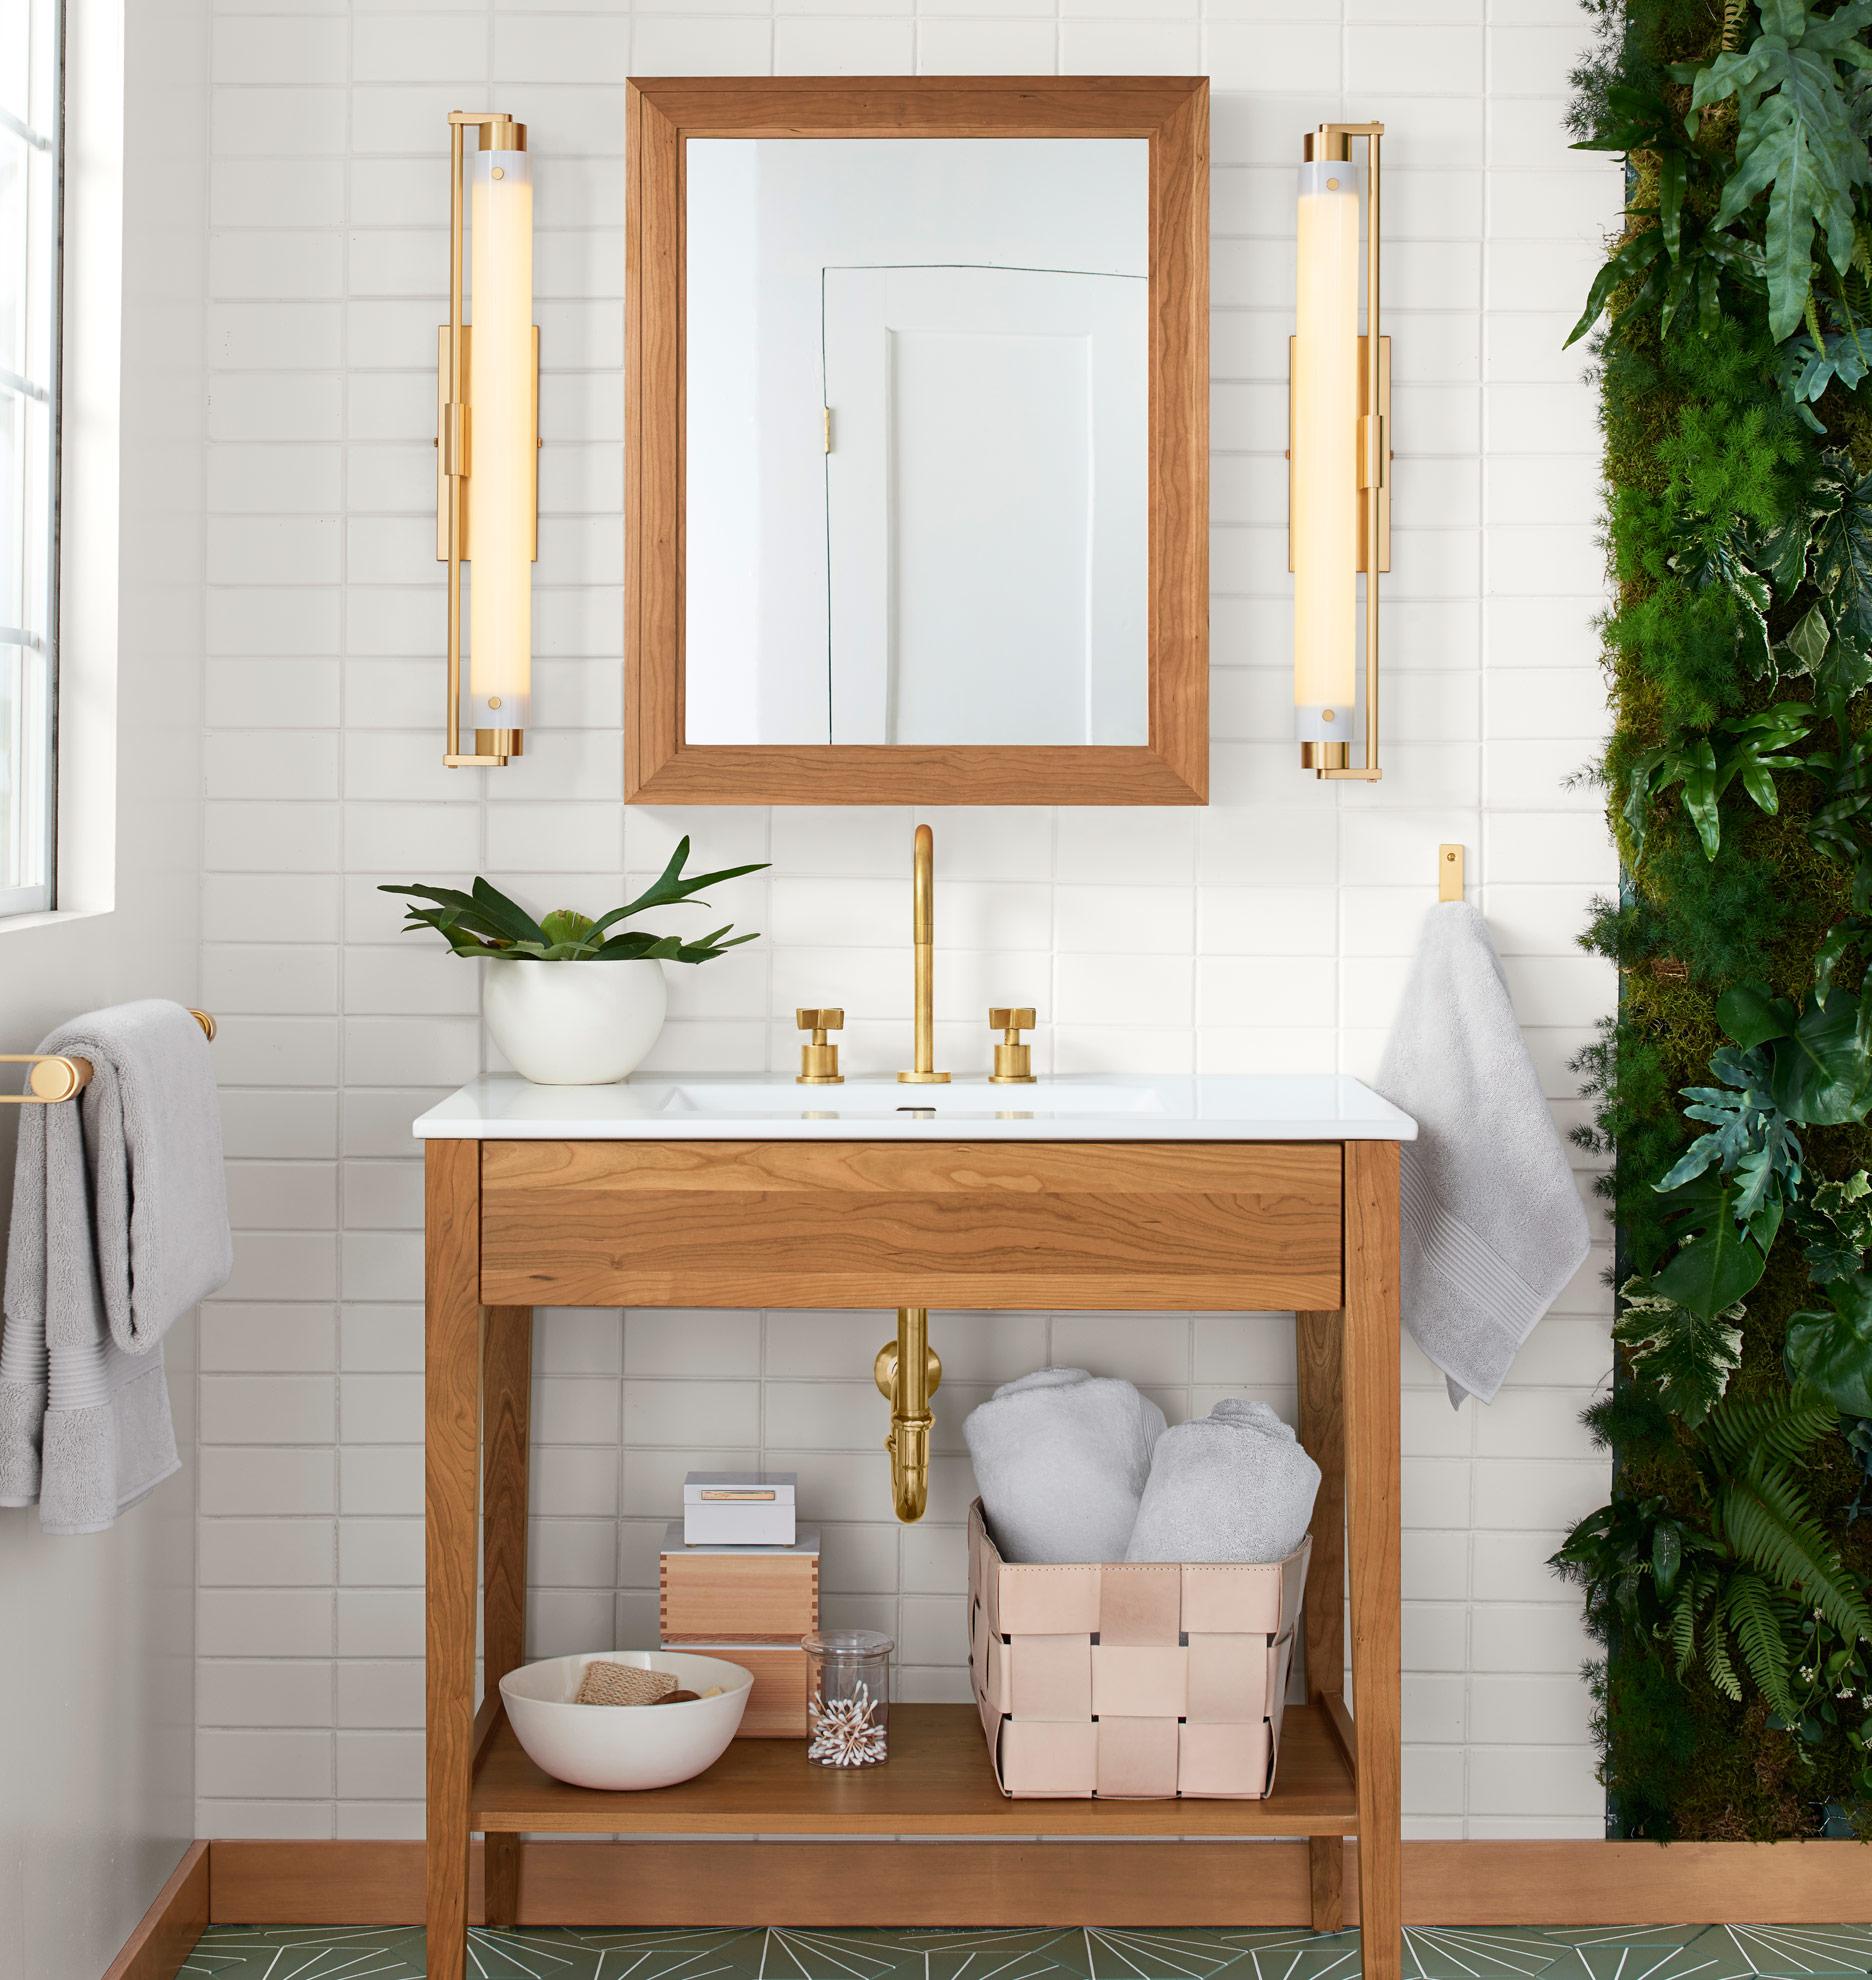 West Slope LED Sconce Rejuvenation - Polished nickel bathroom sconces